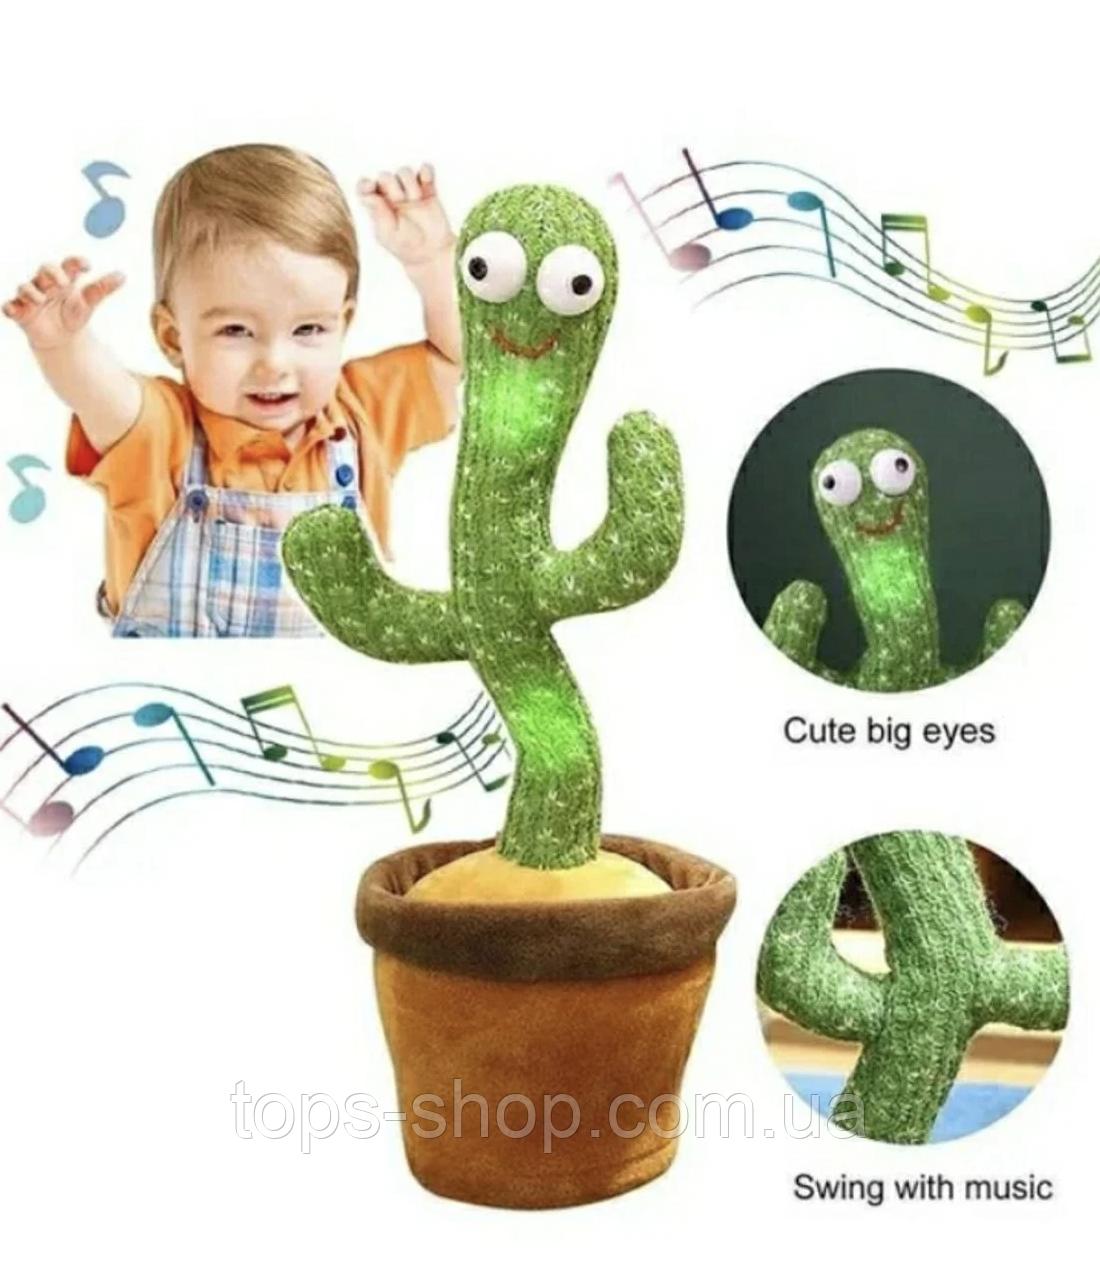 Танцюючий плюшевий кактус М'яка музична, інтерактивна іграшка кактус у горщику для співу танців у вазоні